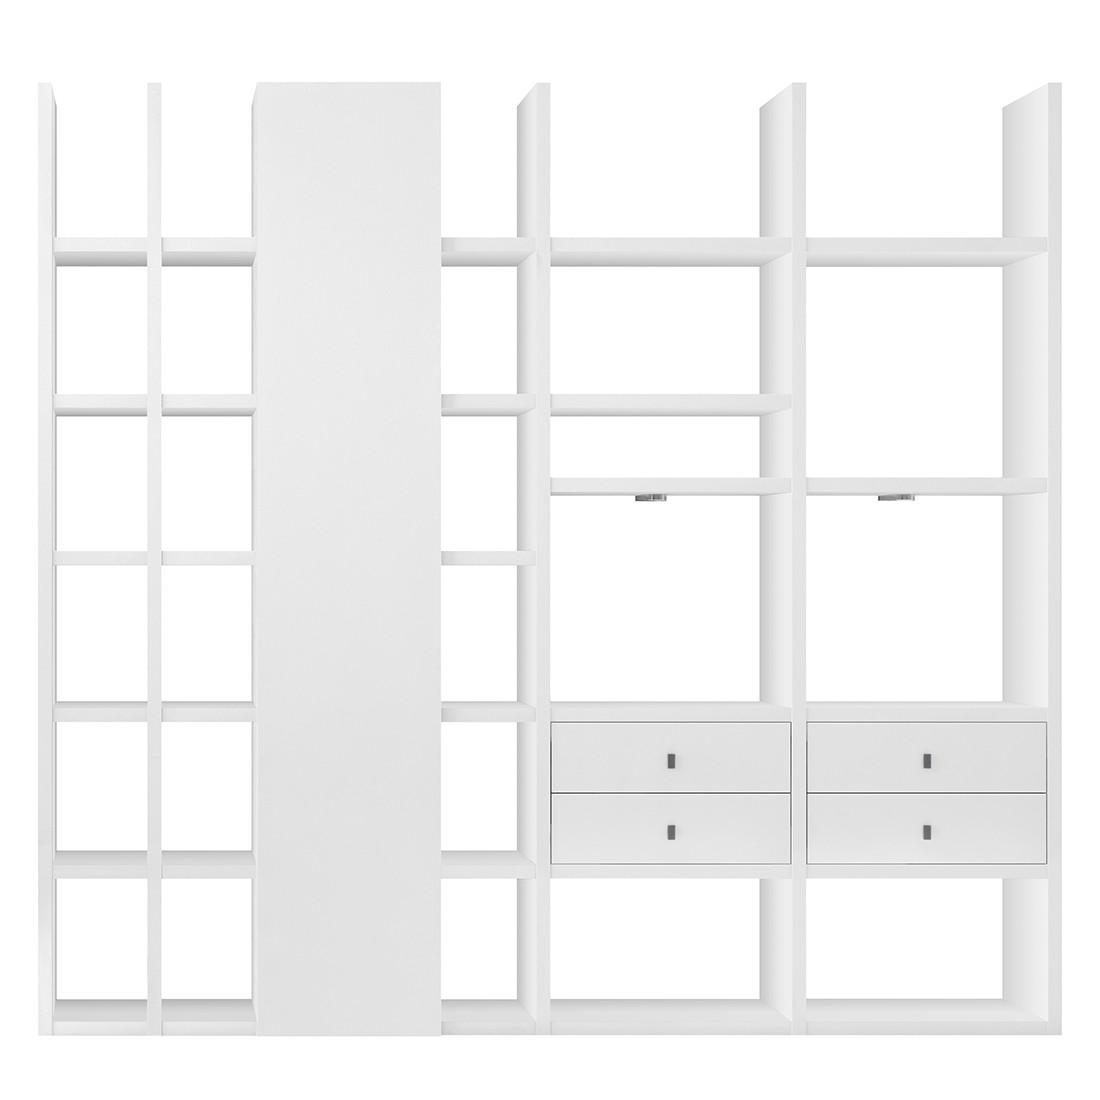 XL Regalwand Emporior VI - Weiß (Matt Weiß ohne Beleuchtung)